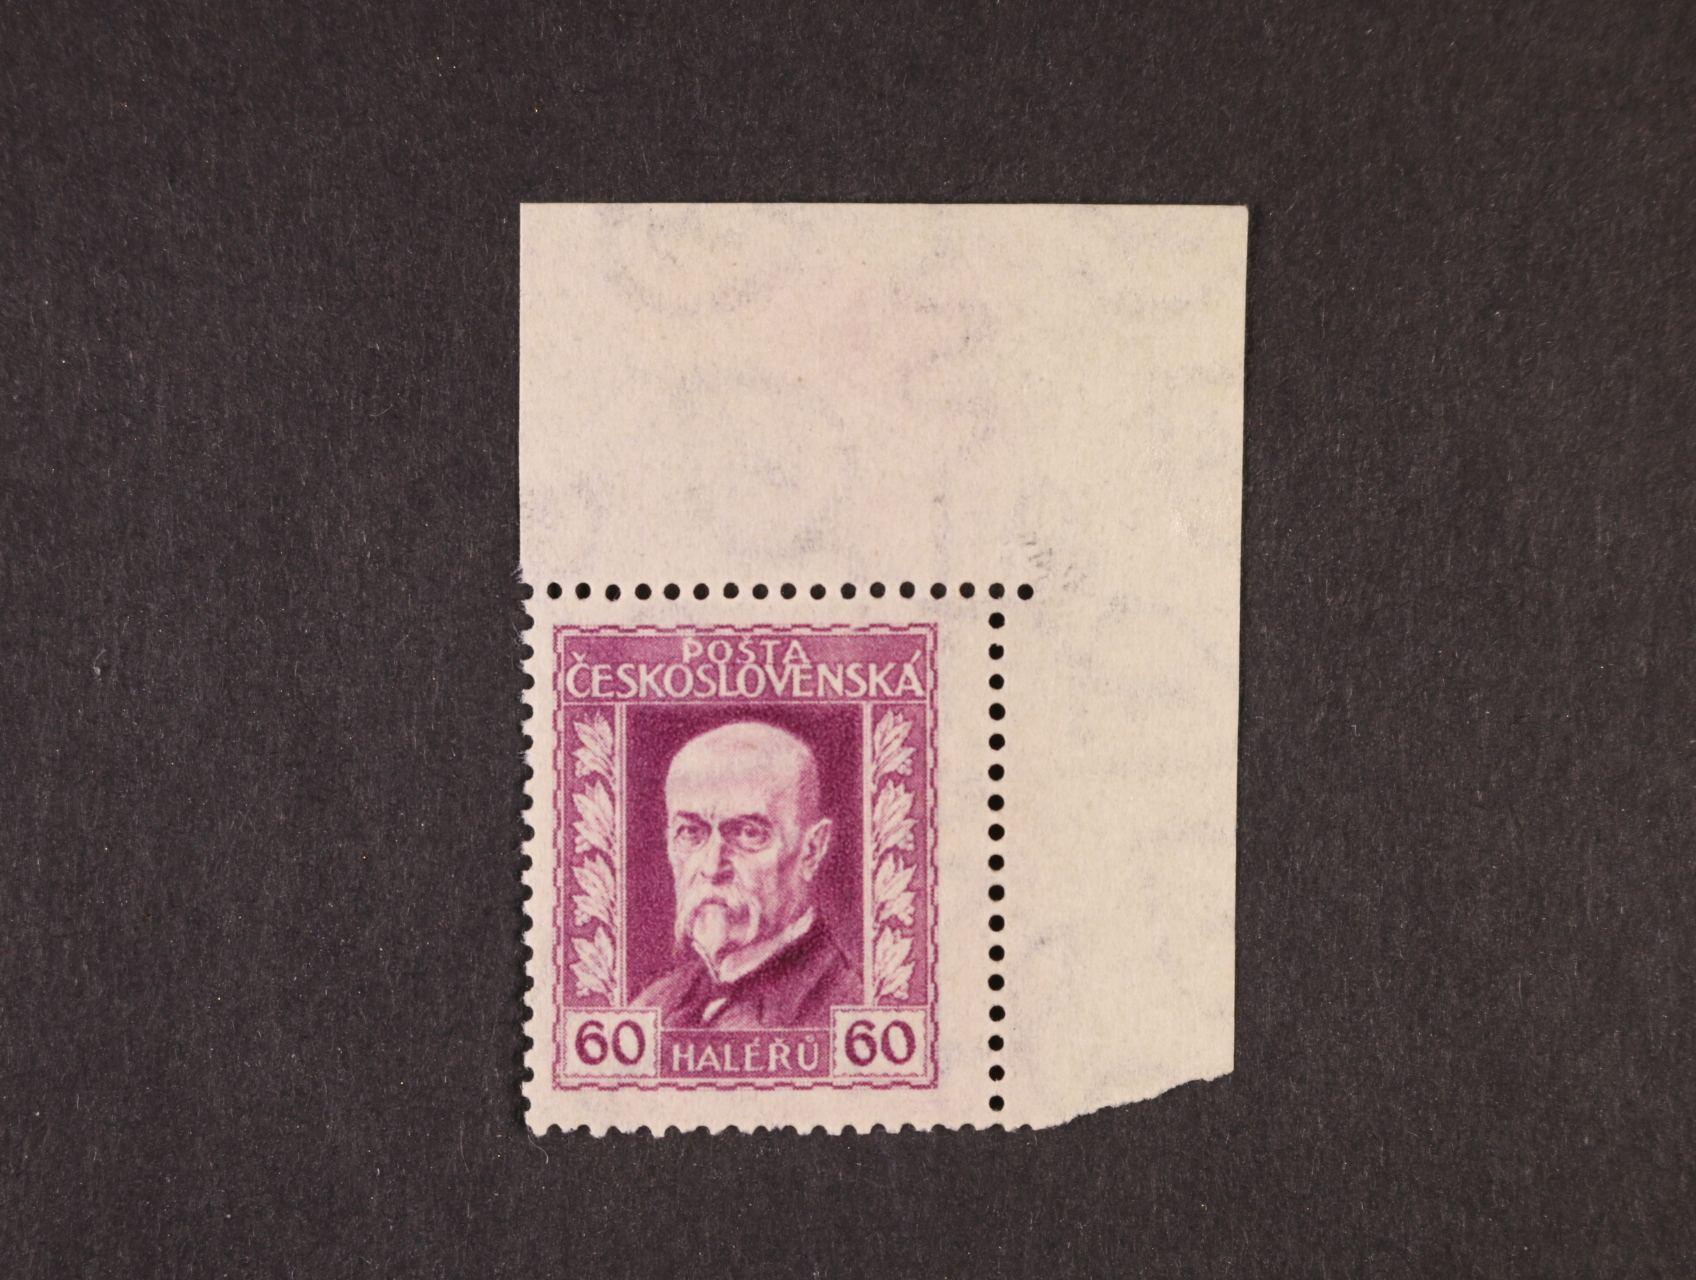 zn. č. 189 Ax pergamen papír - pravý horní roh. kus, zk. Stupka, kat. cena min. 2000 Kč